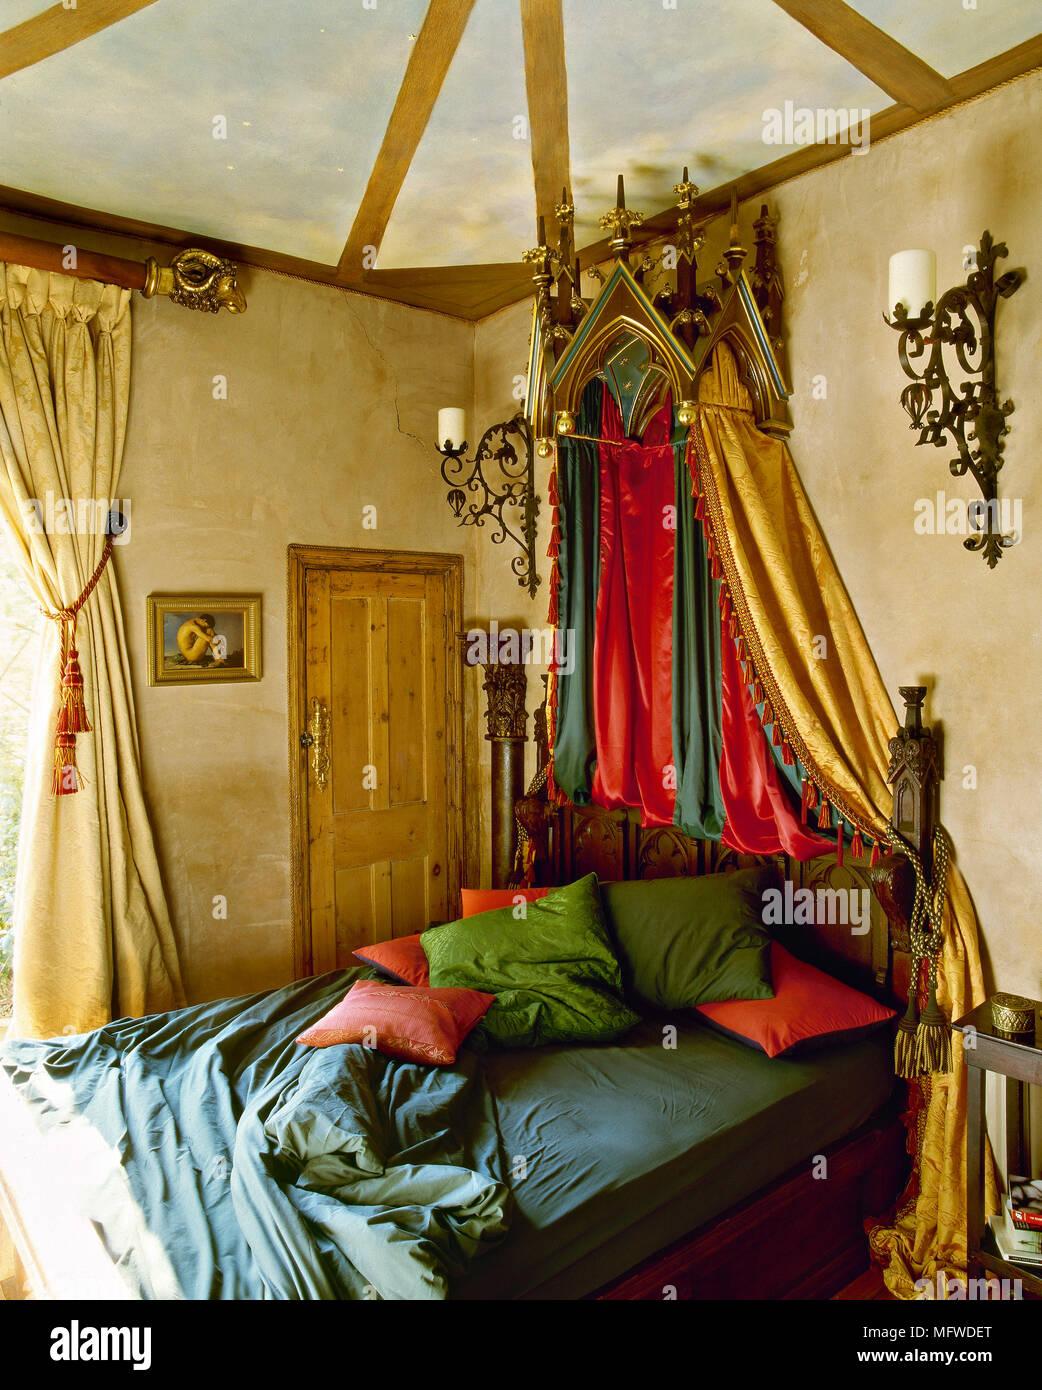 Eine gotische gestalteten Schlafzimmer mit gelben Wänden, Holzdecken ...